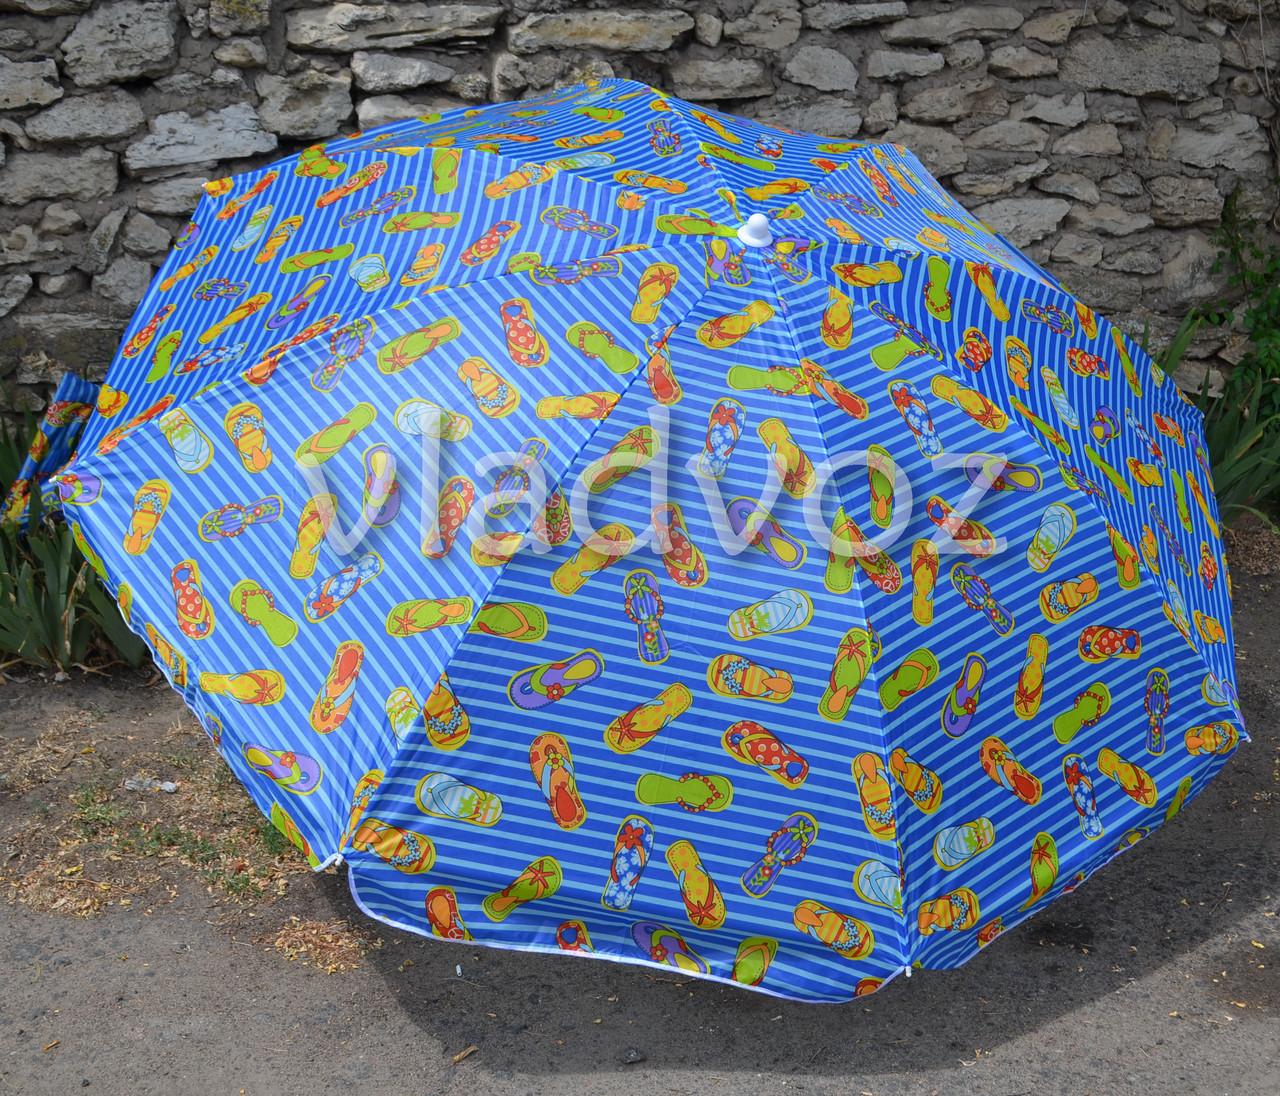 Большой пляжный зонт 240 см. диаметр, синий шлепки